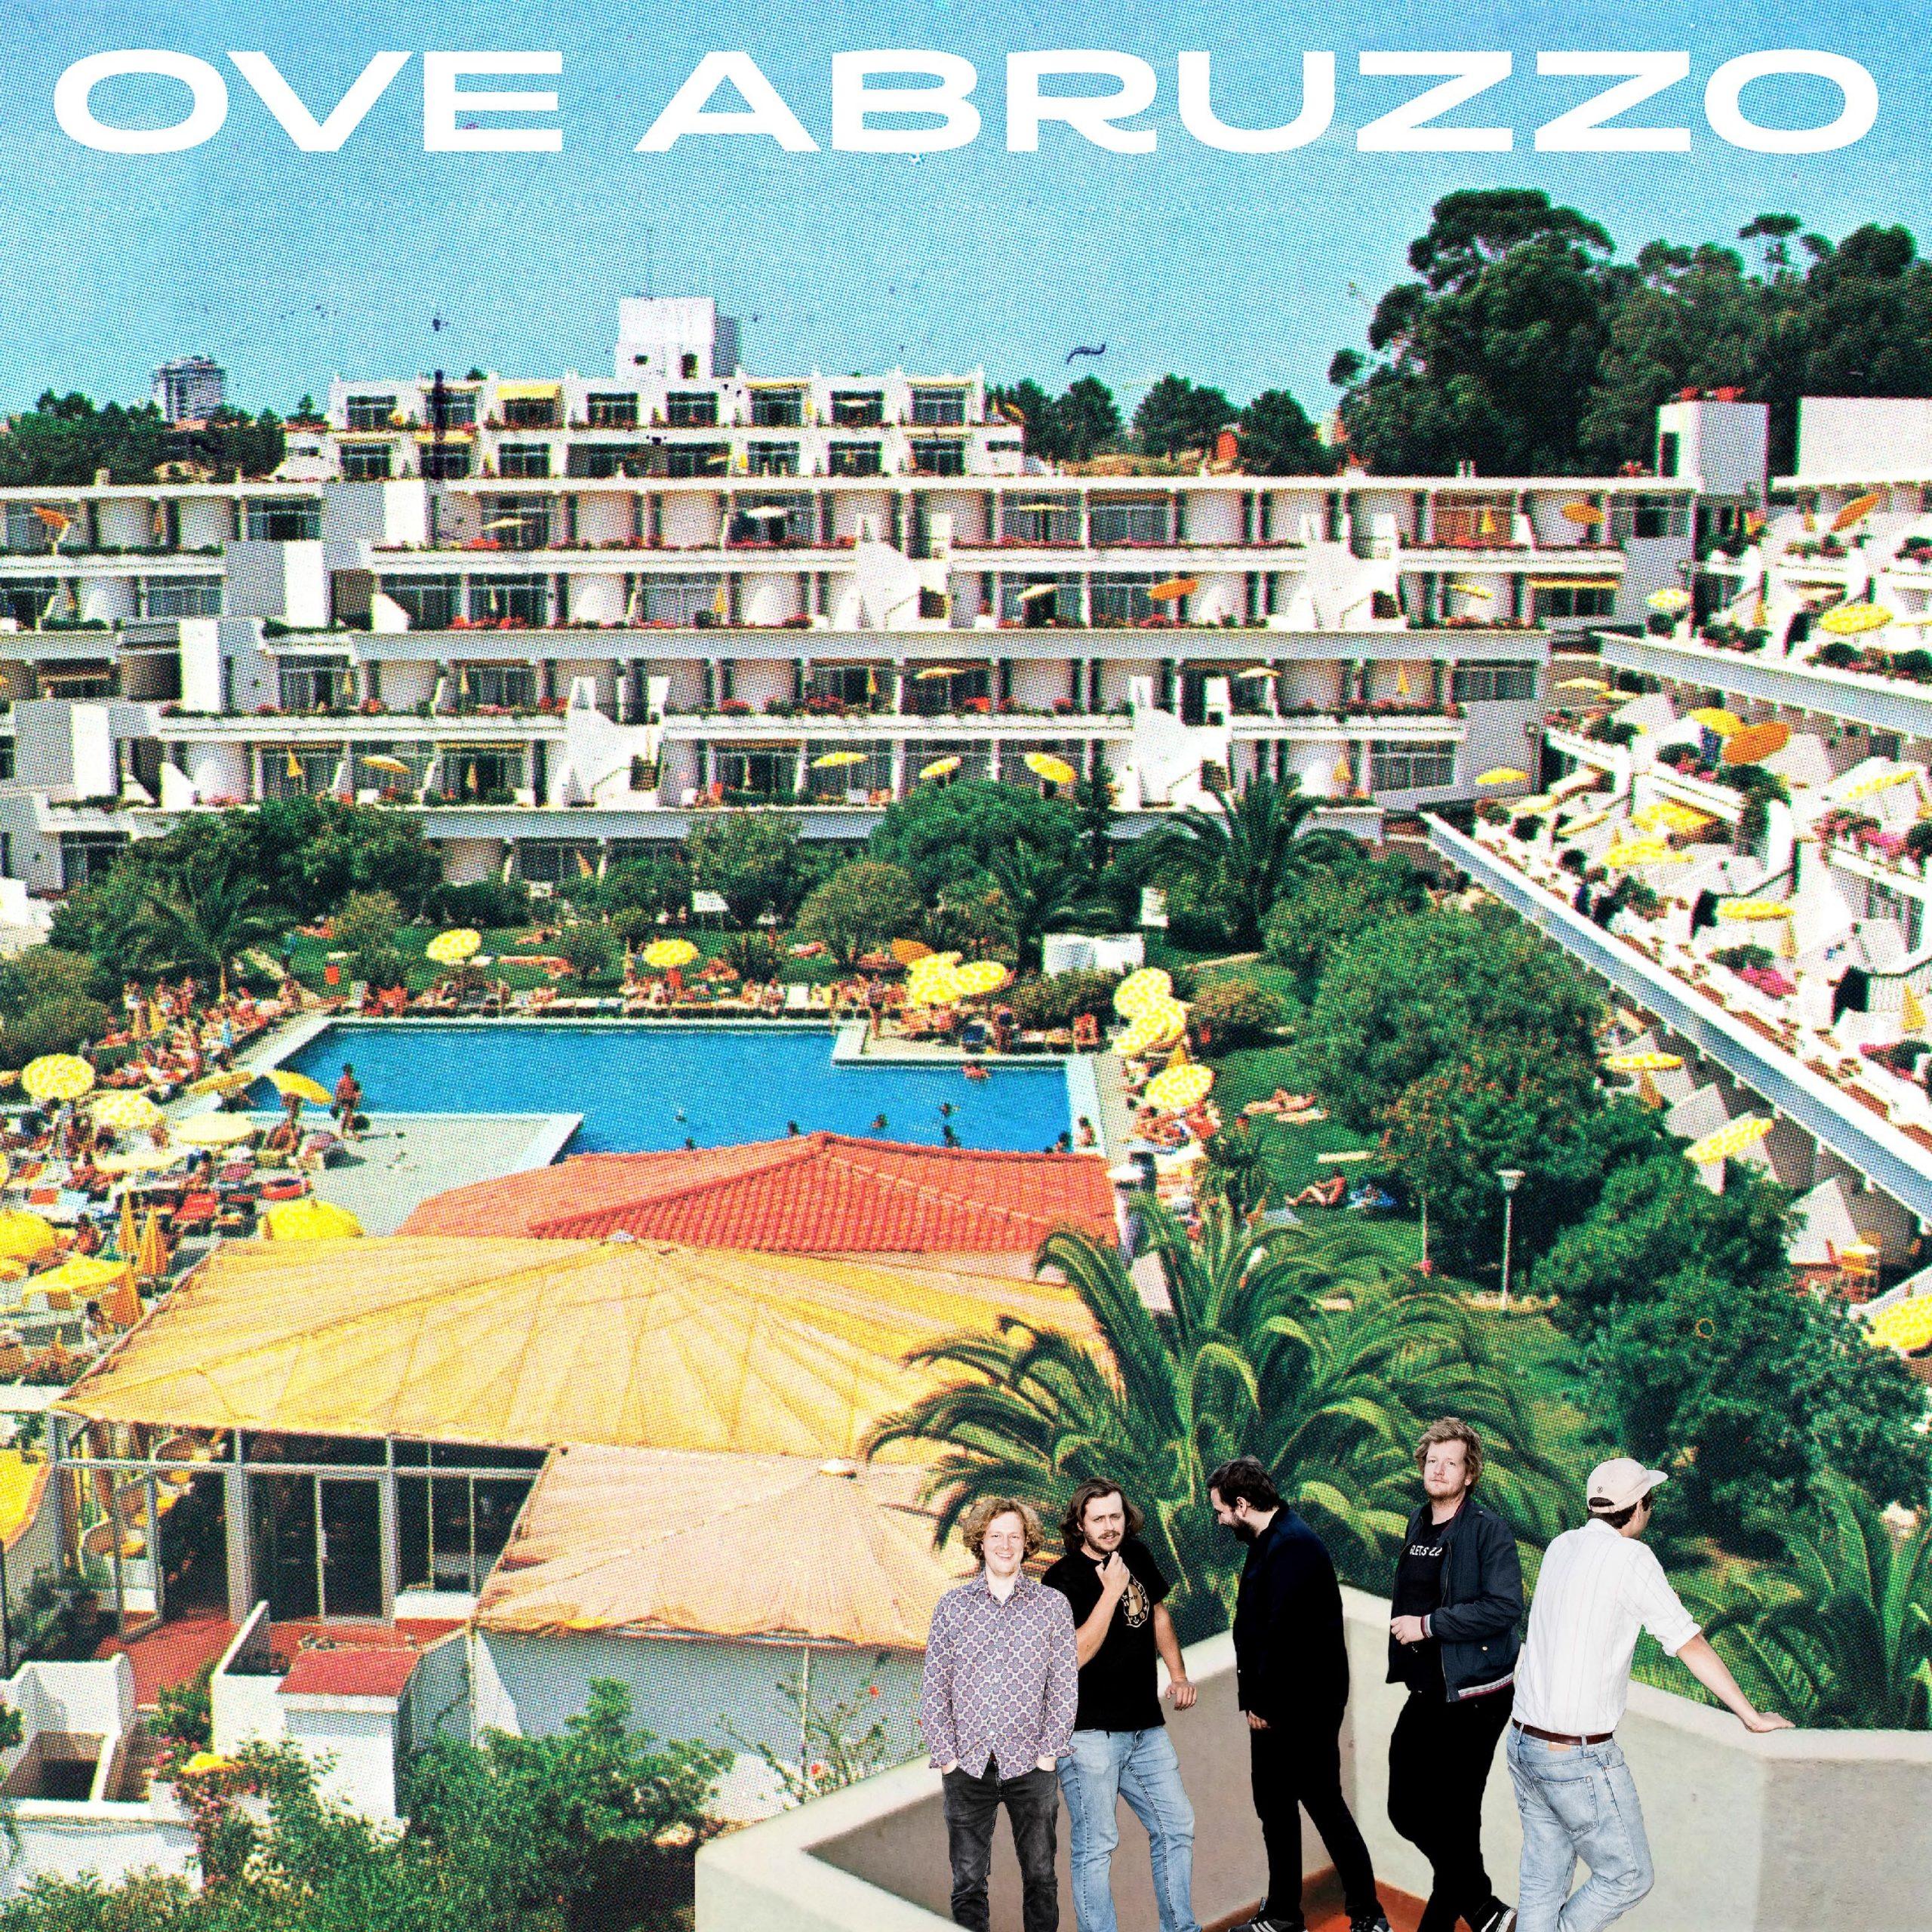 Ove - Abruzzo